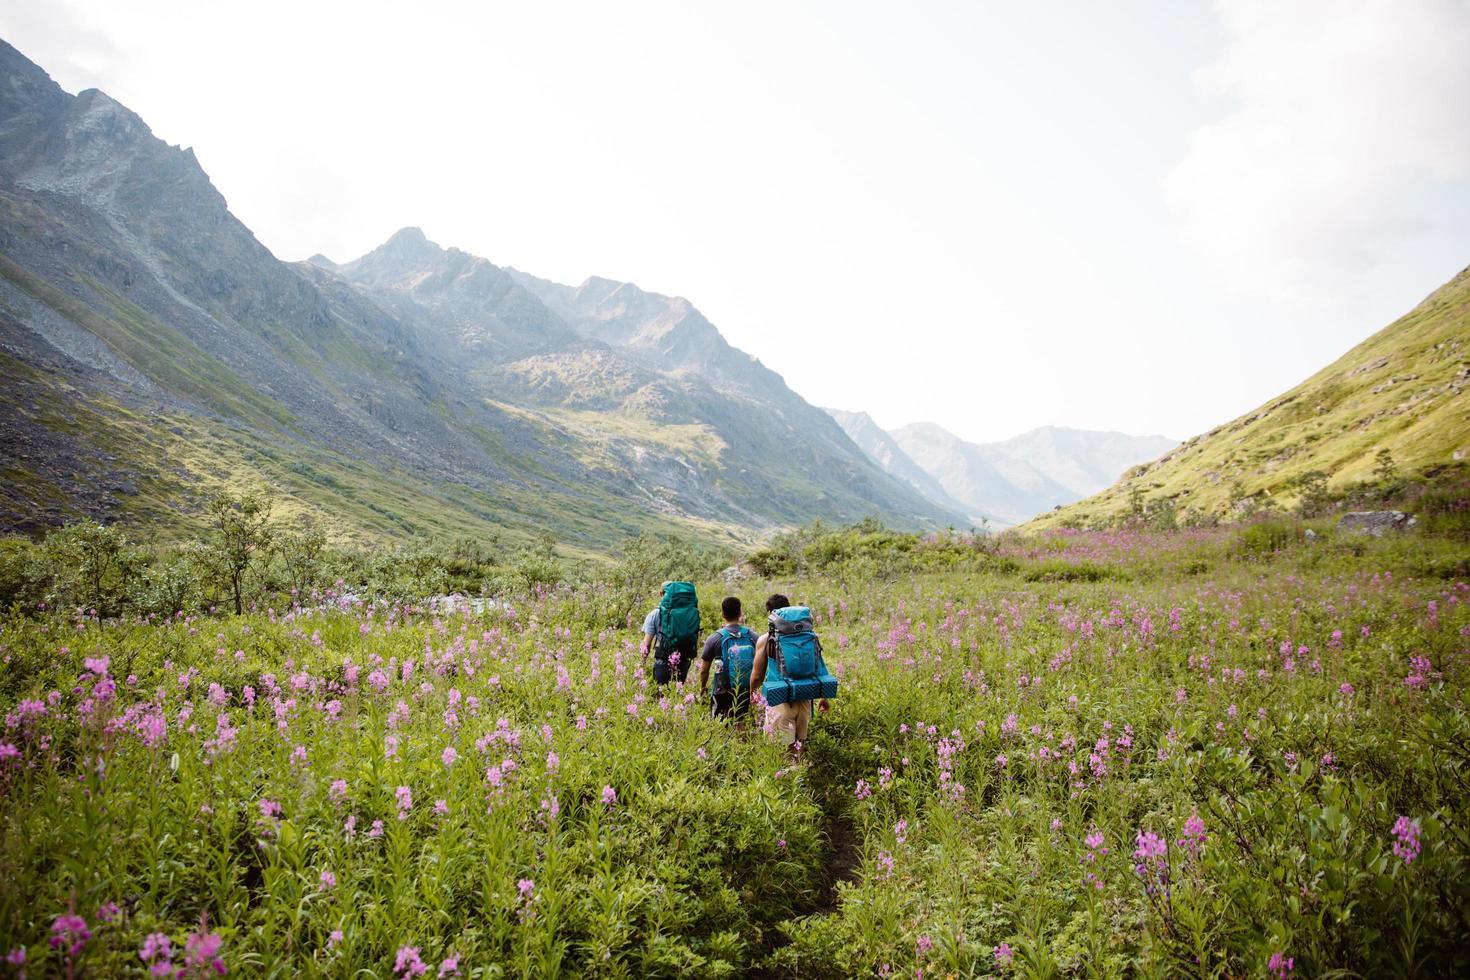 wandelaars die door wilde bloemen lopen in alaska foto